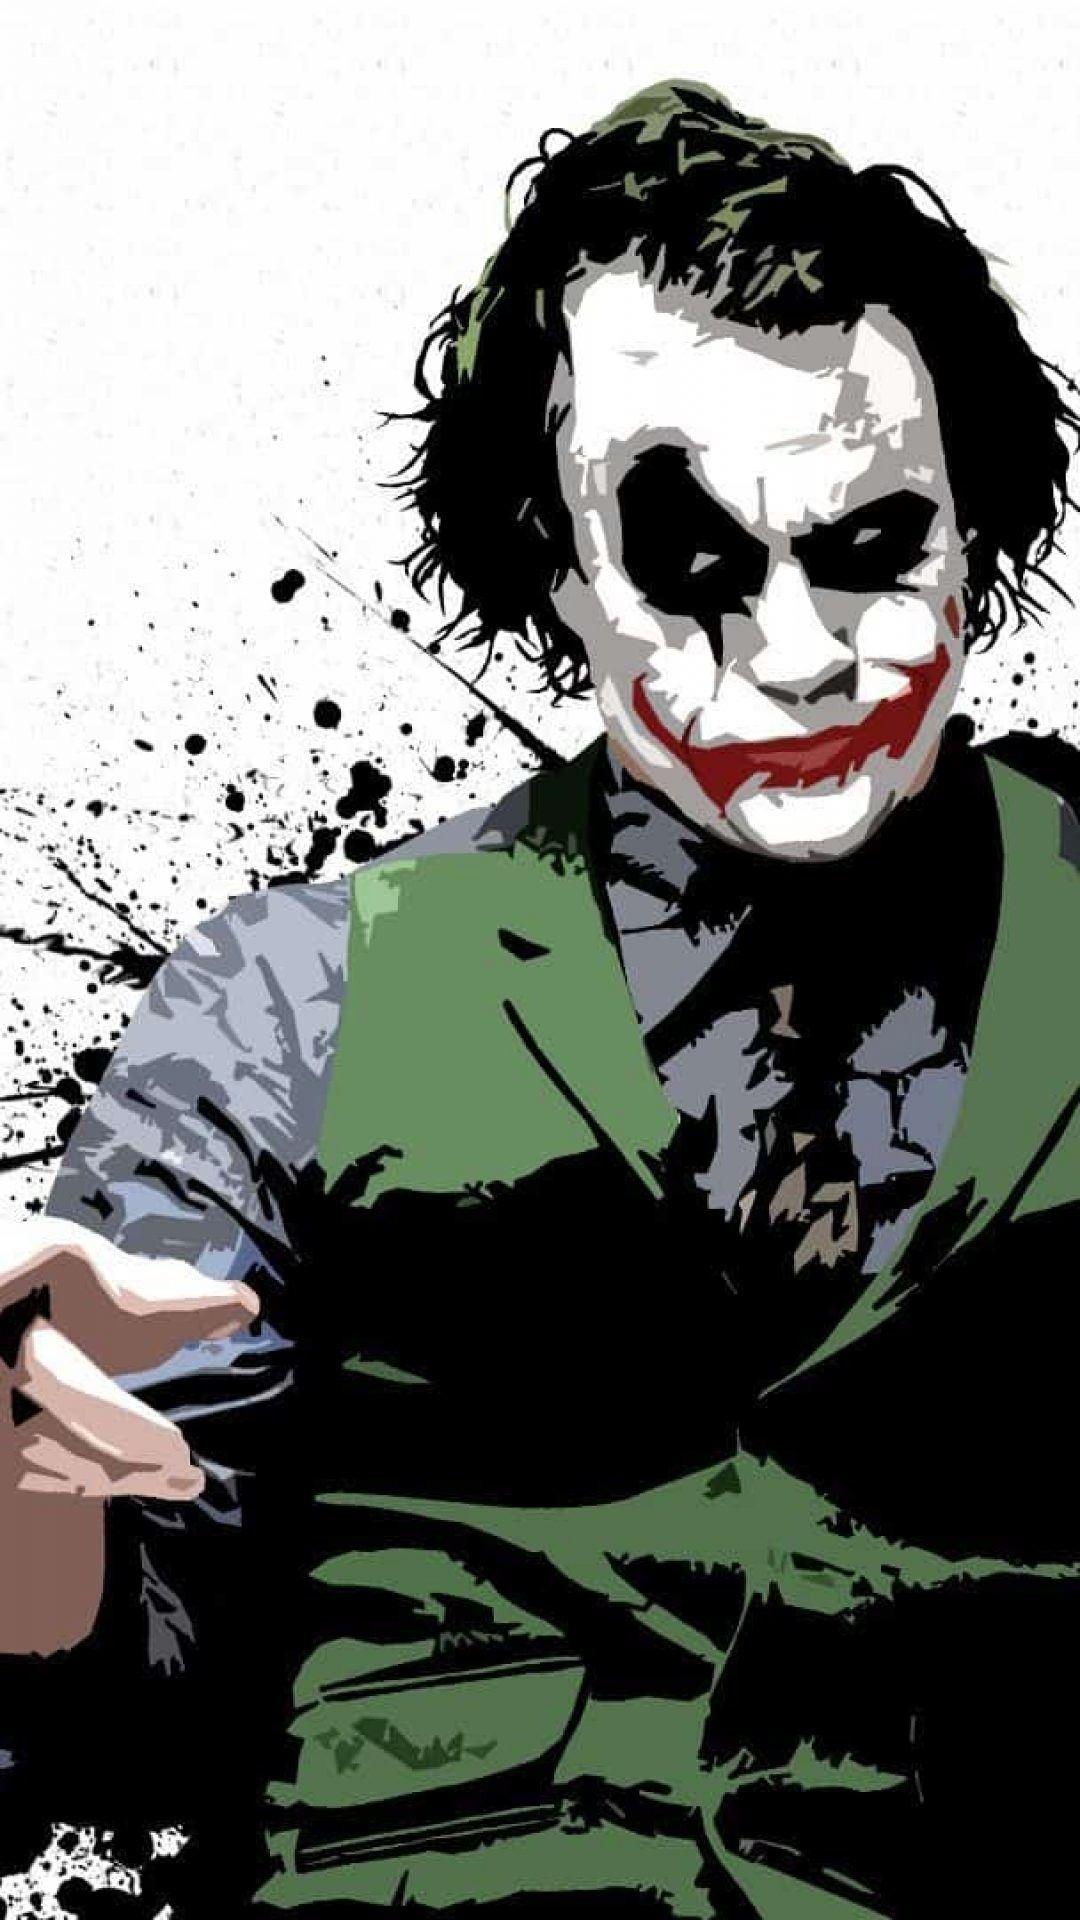 1080x1920 Batman Joker Wallpaper Hd โจ กเกอร โปสเตอร ภาพ อเวนเจอร